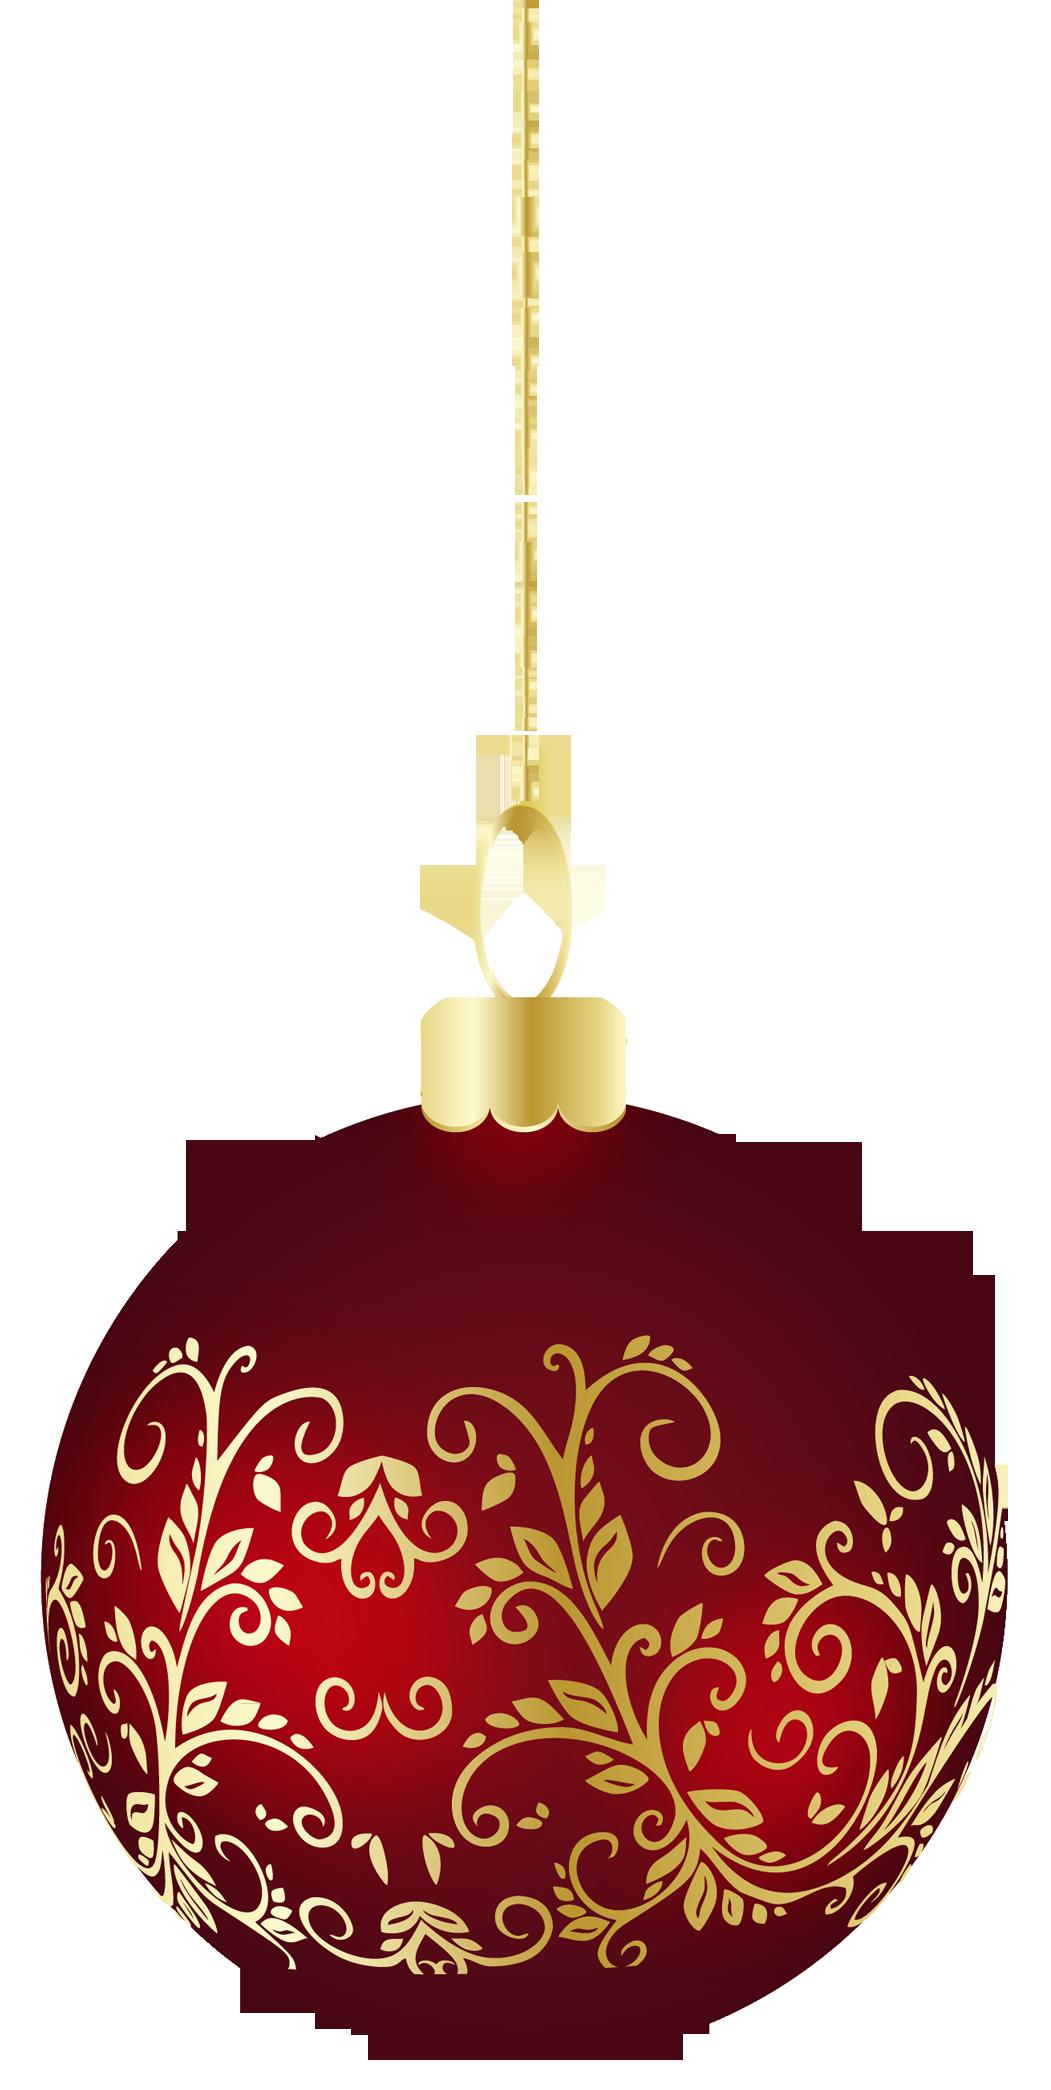 Christmas Ball PNG - 16819